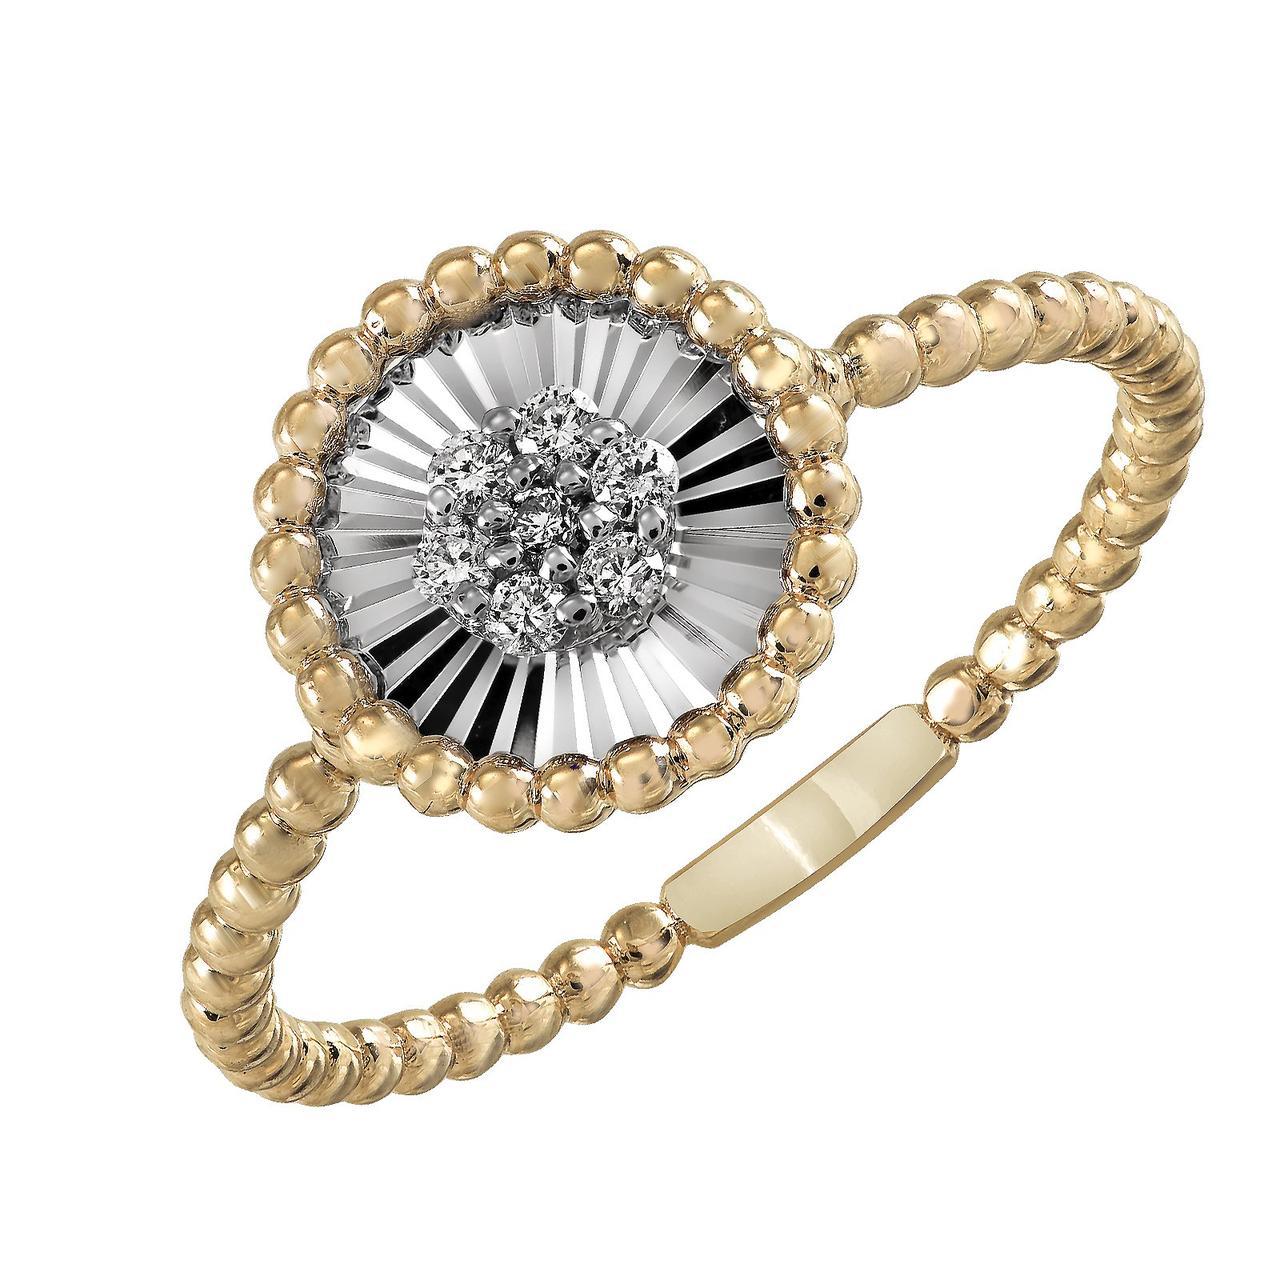 Золотое кольцо с бриллиантами, размер 17 (817327)